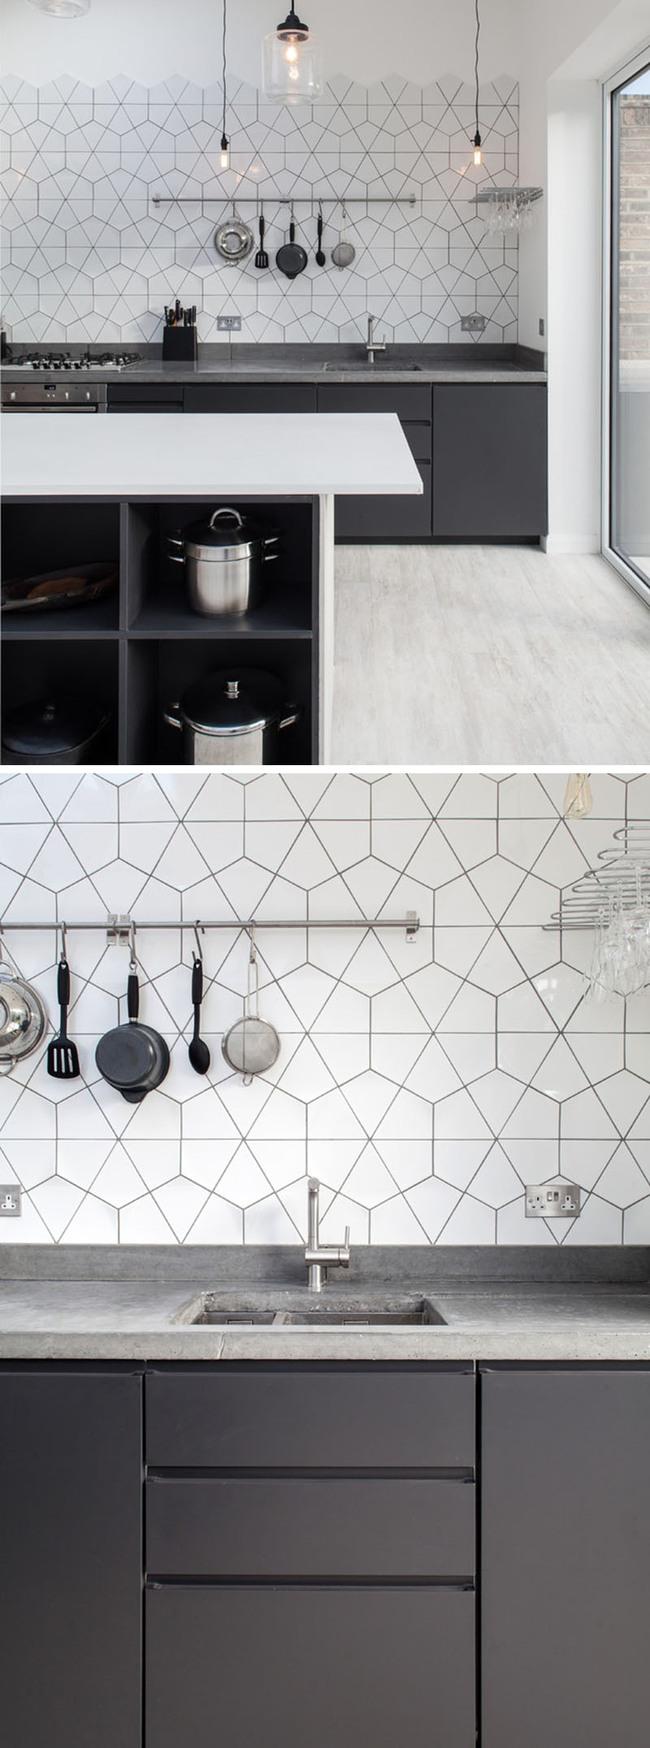 9 mẫu gạch ốp nhà bếp theo phong cách hình học cho chị em tùy ý lựa chọn - Ảnh 4.